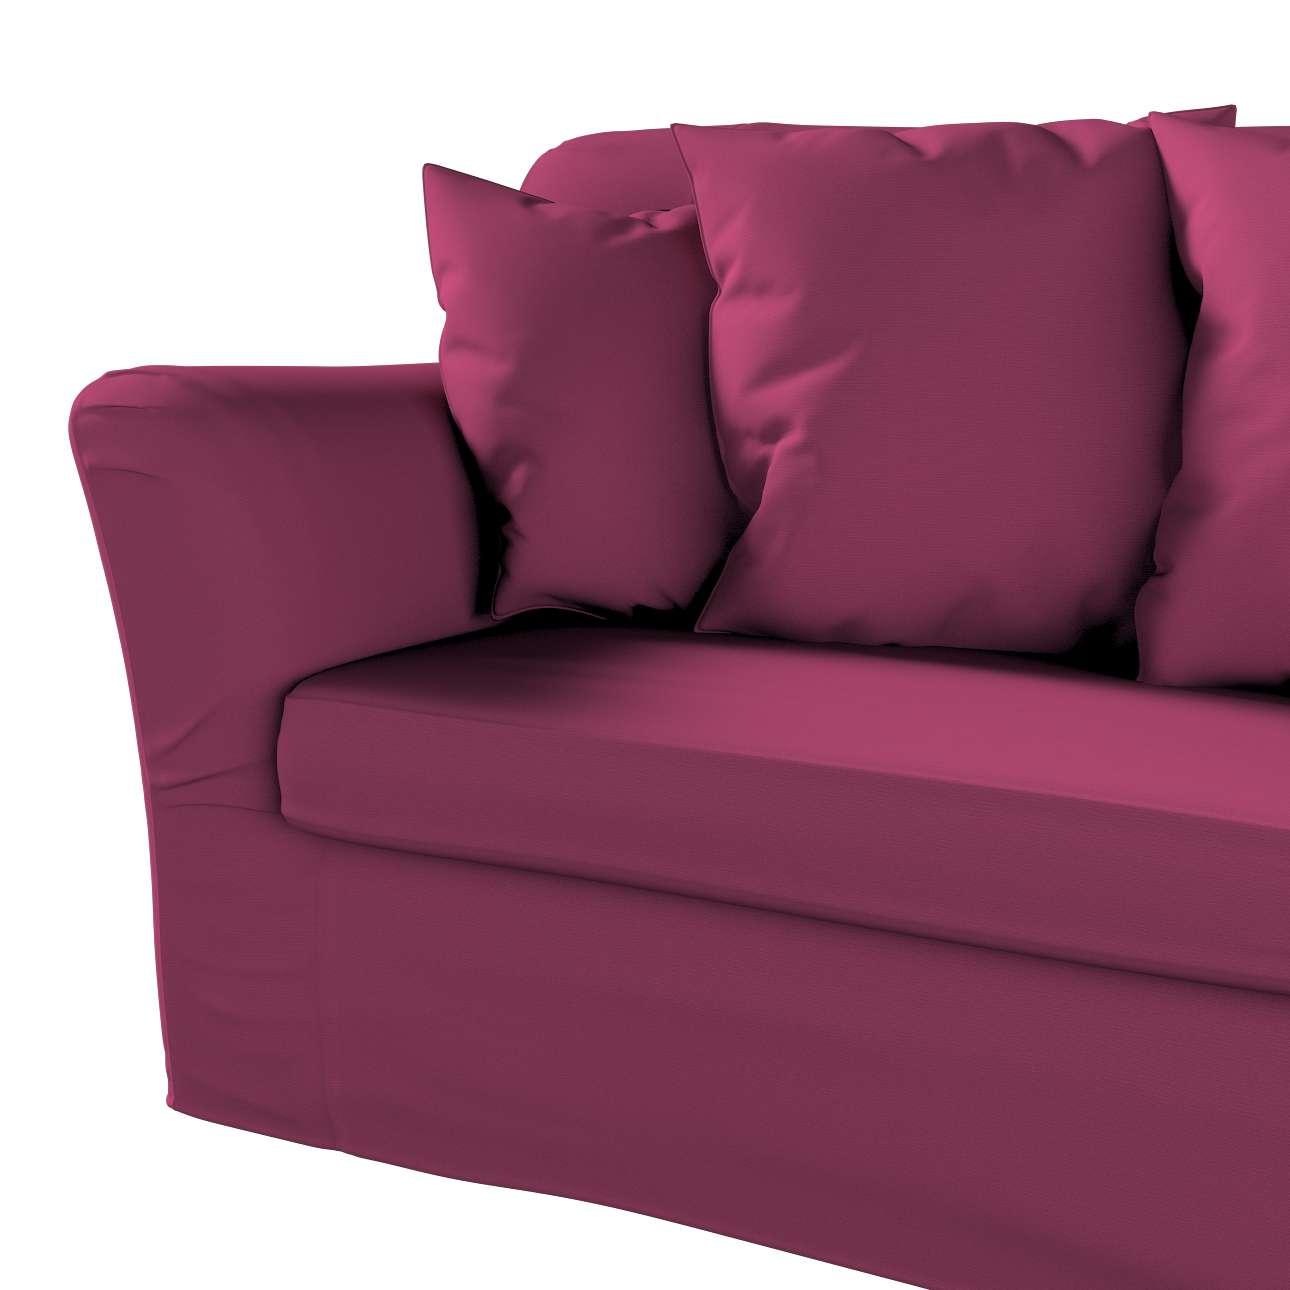 Pokrowiec na sofę Tomelilla 3-osobową rozkładaną w kolekcji Cotton Panama, tkanina: 702-32